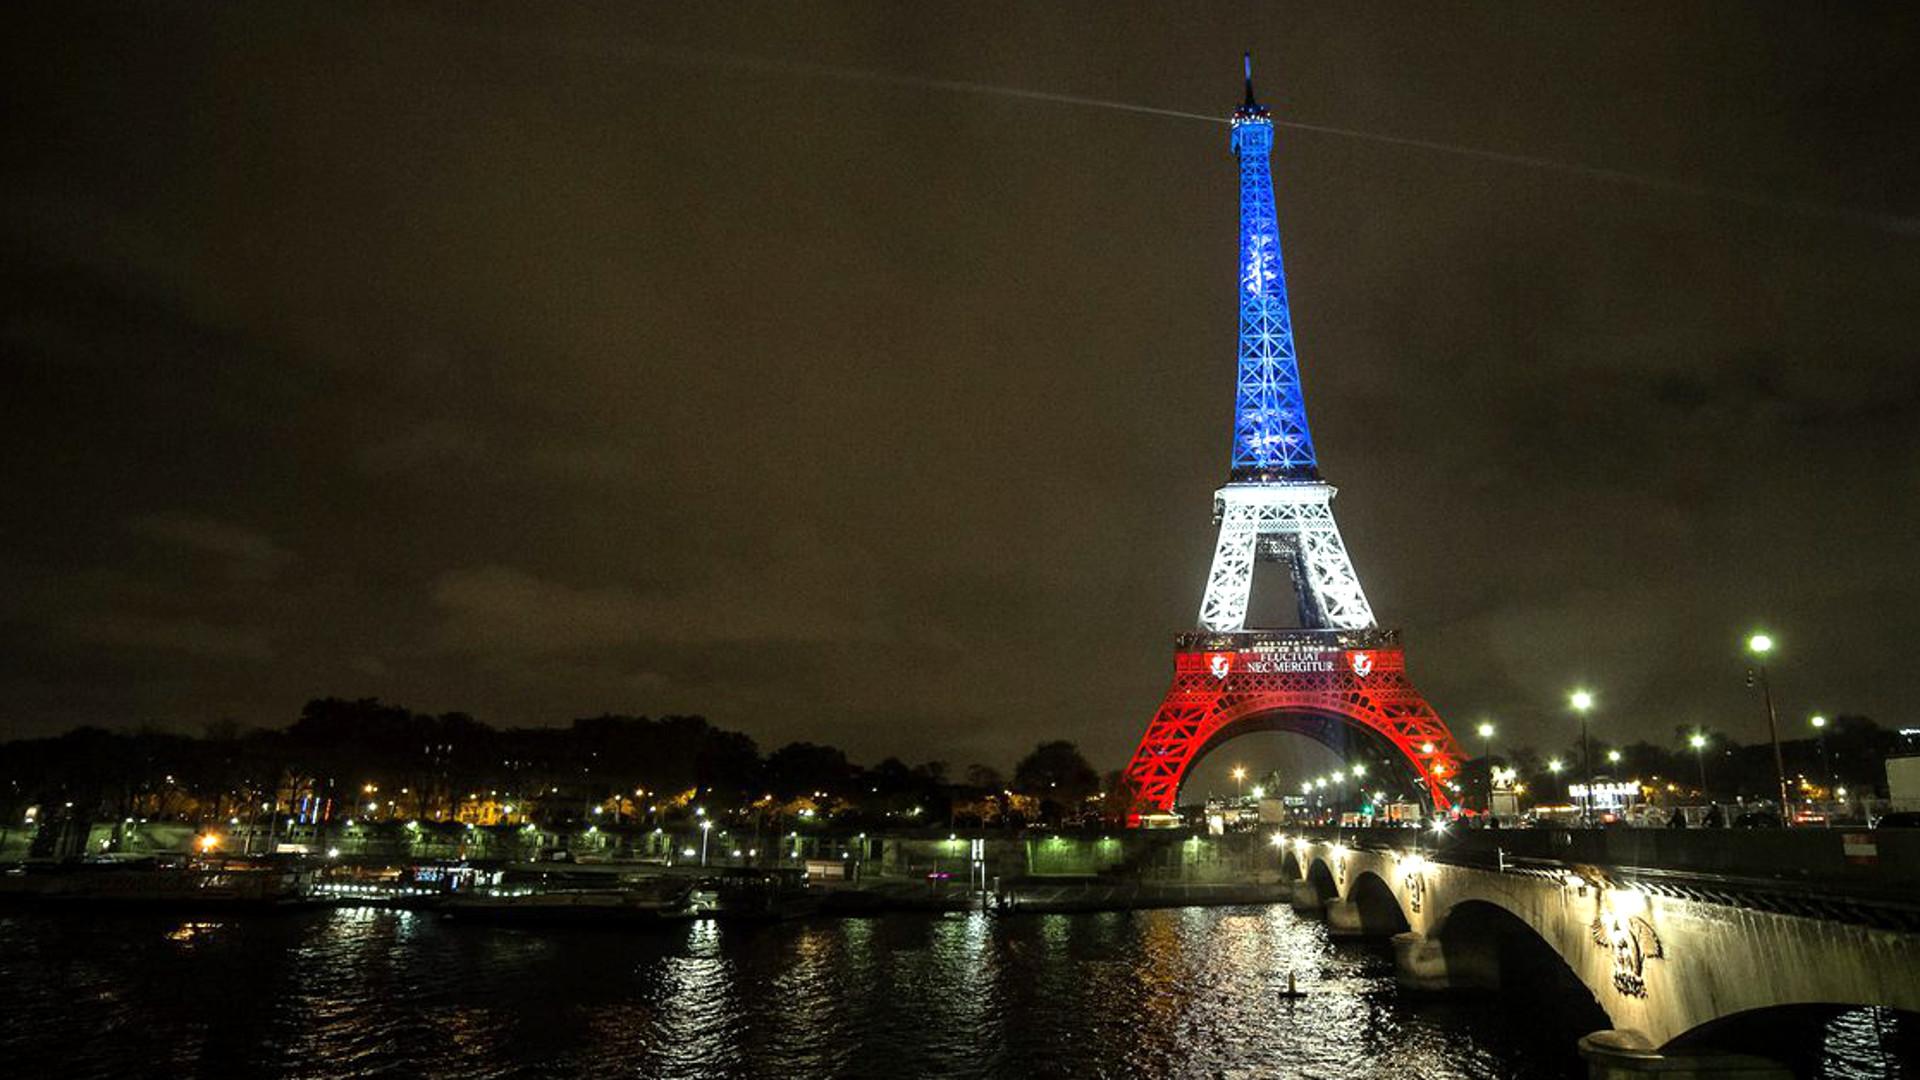 Eiffelturm Beleuchtung | Anschlag Auf Das Zusammenleben Katholische Kirche Schweiz Politik